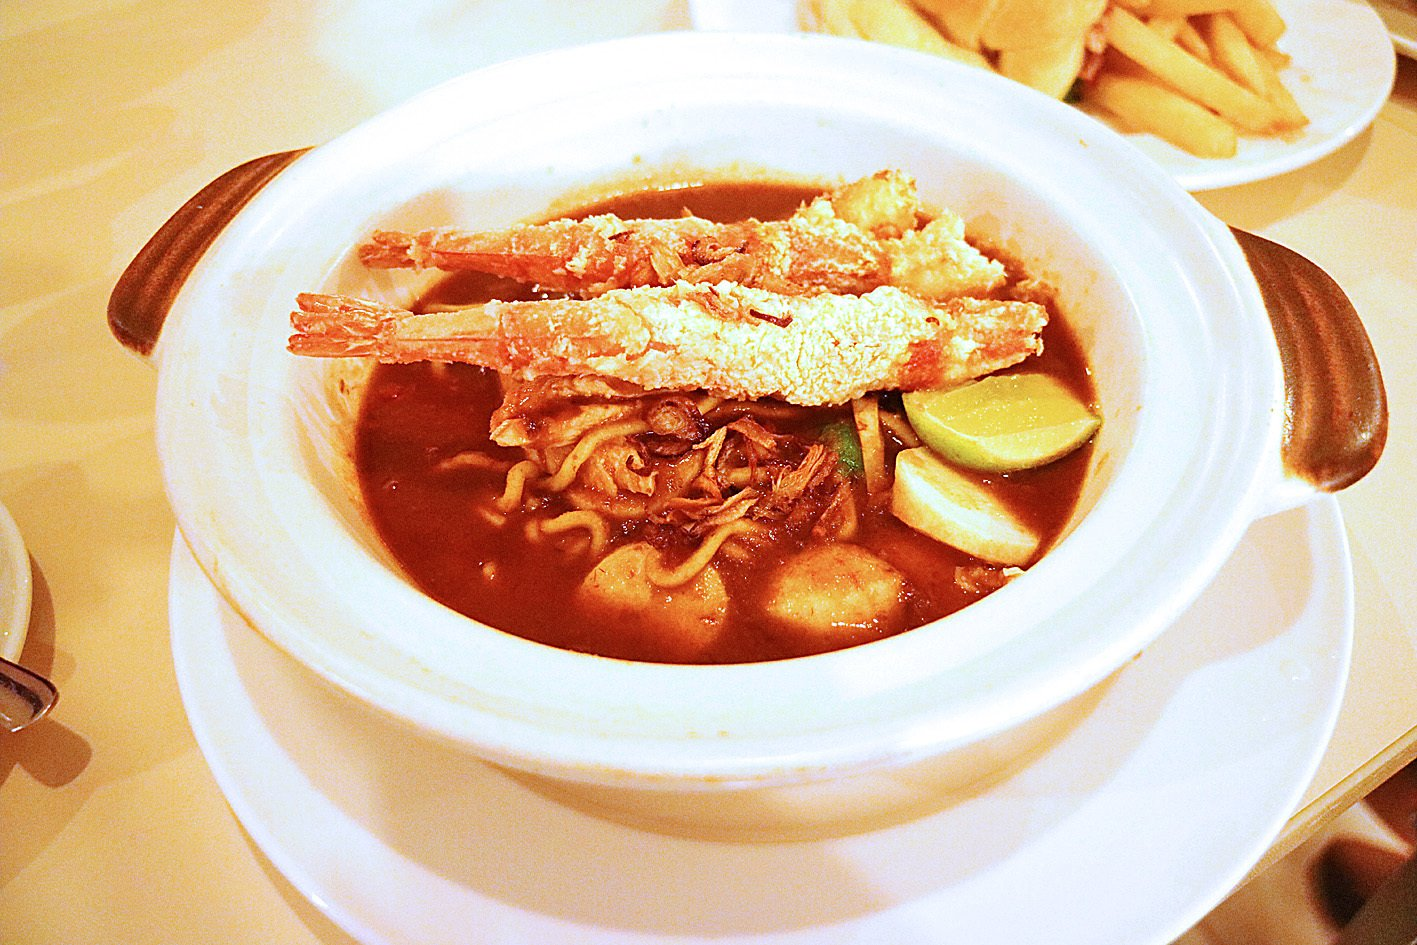 馬來炸大蝦醬麵,蝦夠大又新鮮,麵條拌當地特色醬料,口味帶濃。(安兒)